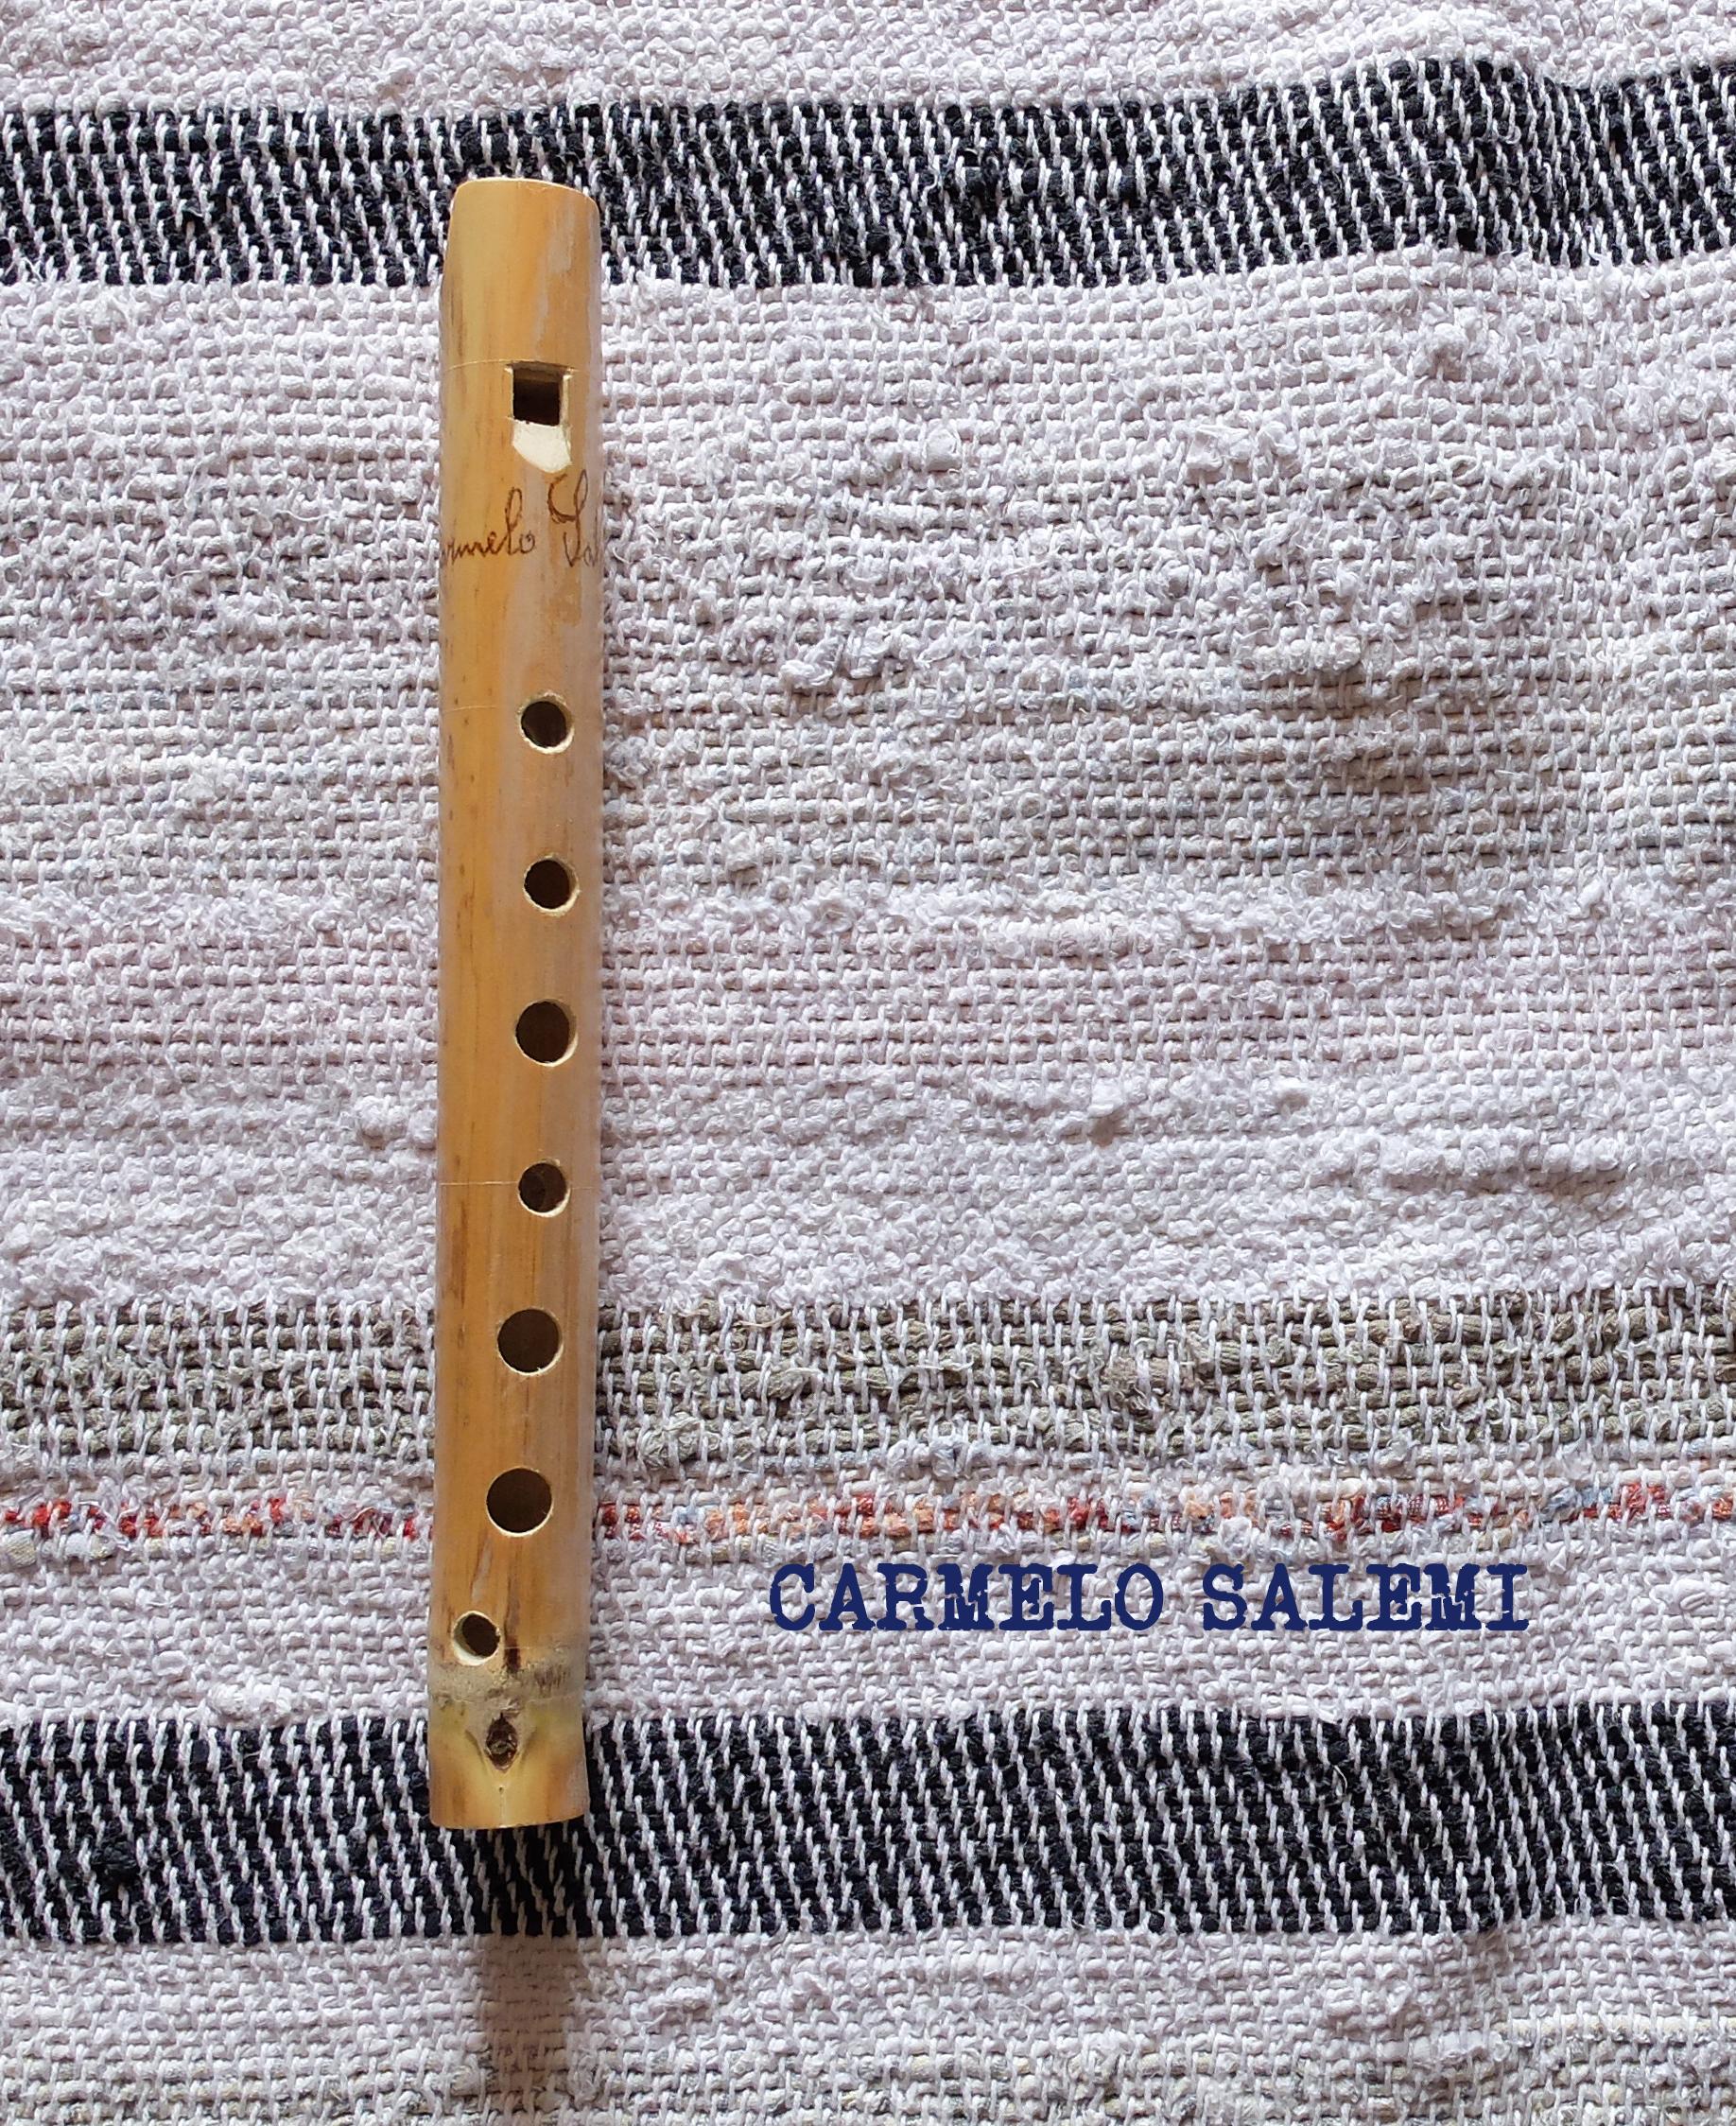 CARMELO SALEMI FRISCALETTU